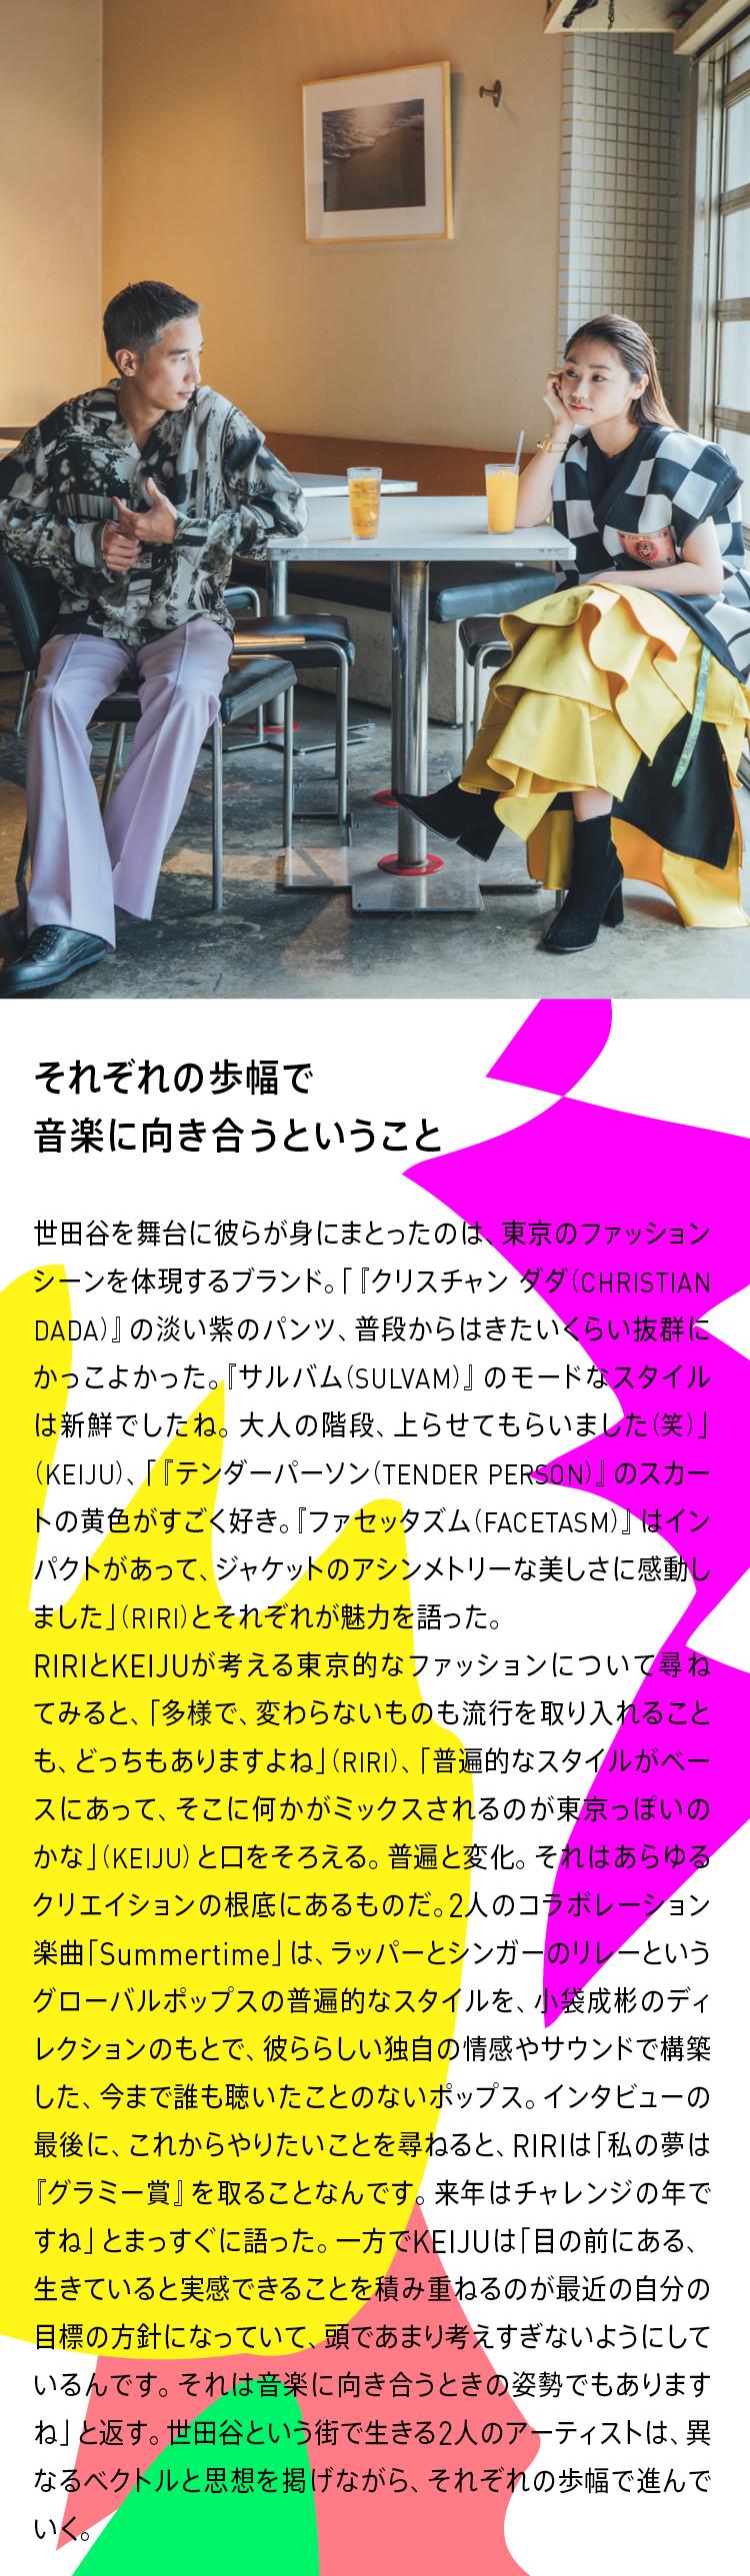 それぞれの歩幅で音楽に向き合うということ。 世田谷を舞台に彼らが身にまとったのは、東京のファッションシーンを体現するブランド。「『クリスチャン ダダ(CHRISTIAN DADA)』の淡い紫のパンツ、普段からはきたいくらい抜群にかっこよかった。『サルバム(SULVAM)』のモードなスタイルは新鮮でしたね。大人の階段、上らせてもらいました(笑)」(KEIJU)、「『テンダーパーソン(TENDER PERSON)』のスカートの黄色がすごく好き。『ファセッタズム(FACETASM)』はインパクトがあって、ジャケットのアシンメトリーな美しさに感動しました」(RIRI)とそれぞれが魅力を語った。RIRIとKEIJUが考える東京的なファッションについて尋ねてみると、「多様で、変わらないものも流行を取り入れることも、どっちもありますよね」(RIRI)、「普遍的なスタイルがベースにあって、そこに何かがミックスされるのが東京っぽいのかな」(KEIJU)と口をそろえる。普遍と変化。それはあらゆるクリエイションの根底にあるものだ。2人のコラボレーション楽曲「Summertime」は、ラッパーとシンガーのリレーというグローバルポップスの普遍的なスタイルを、小袋成彬のディレクションのもとで、彼ららしい独自の情感やサウンドで構築した、今まで誰も聴いたことのないポップス。インタビューの最後に、これからやりたいことを尋ねると、RIRIは「私の夢は『グラミー賞』を取ることなんです。来年はチャレンジの年ですね」とまっすぐに語った。一方でKEIJUは「目の前にある、生きていると実感できることを積み重ねるのが最近の自分の目標の方針になっていて、頭であまり考えすぎないようにしているんです。それは音楽に向き合うときの姿勢でもありますね」と返す。世田谷という街で生きる2人のアーティストは、異なるベクトルと思想を掲げながら、それぞれの歩幅で進んでいく。